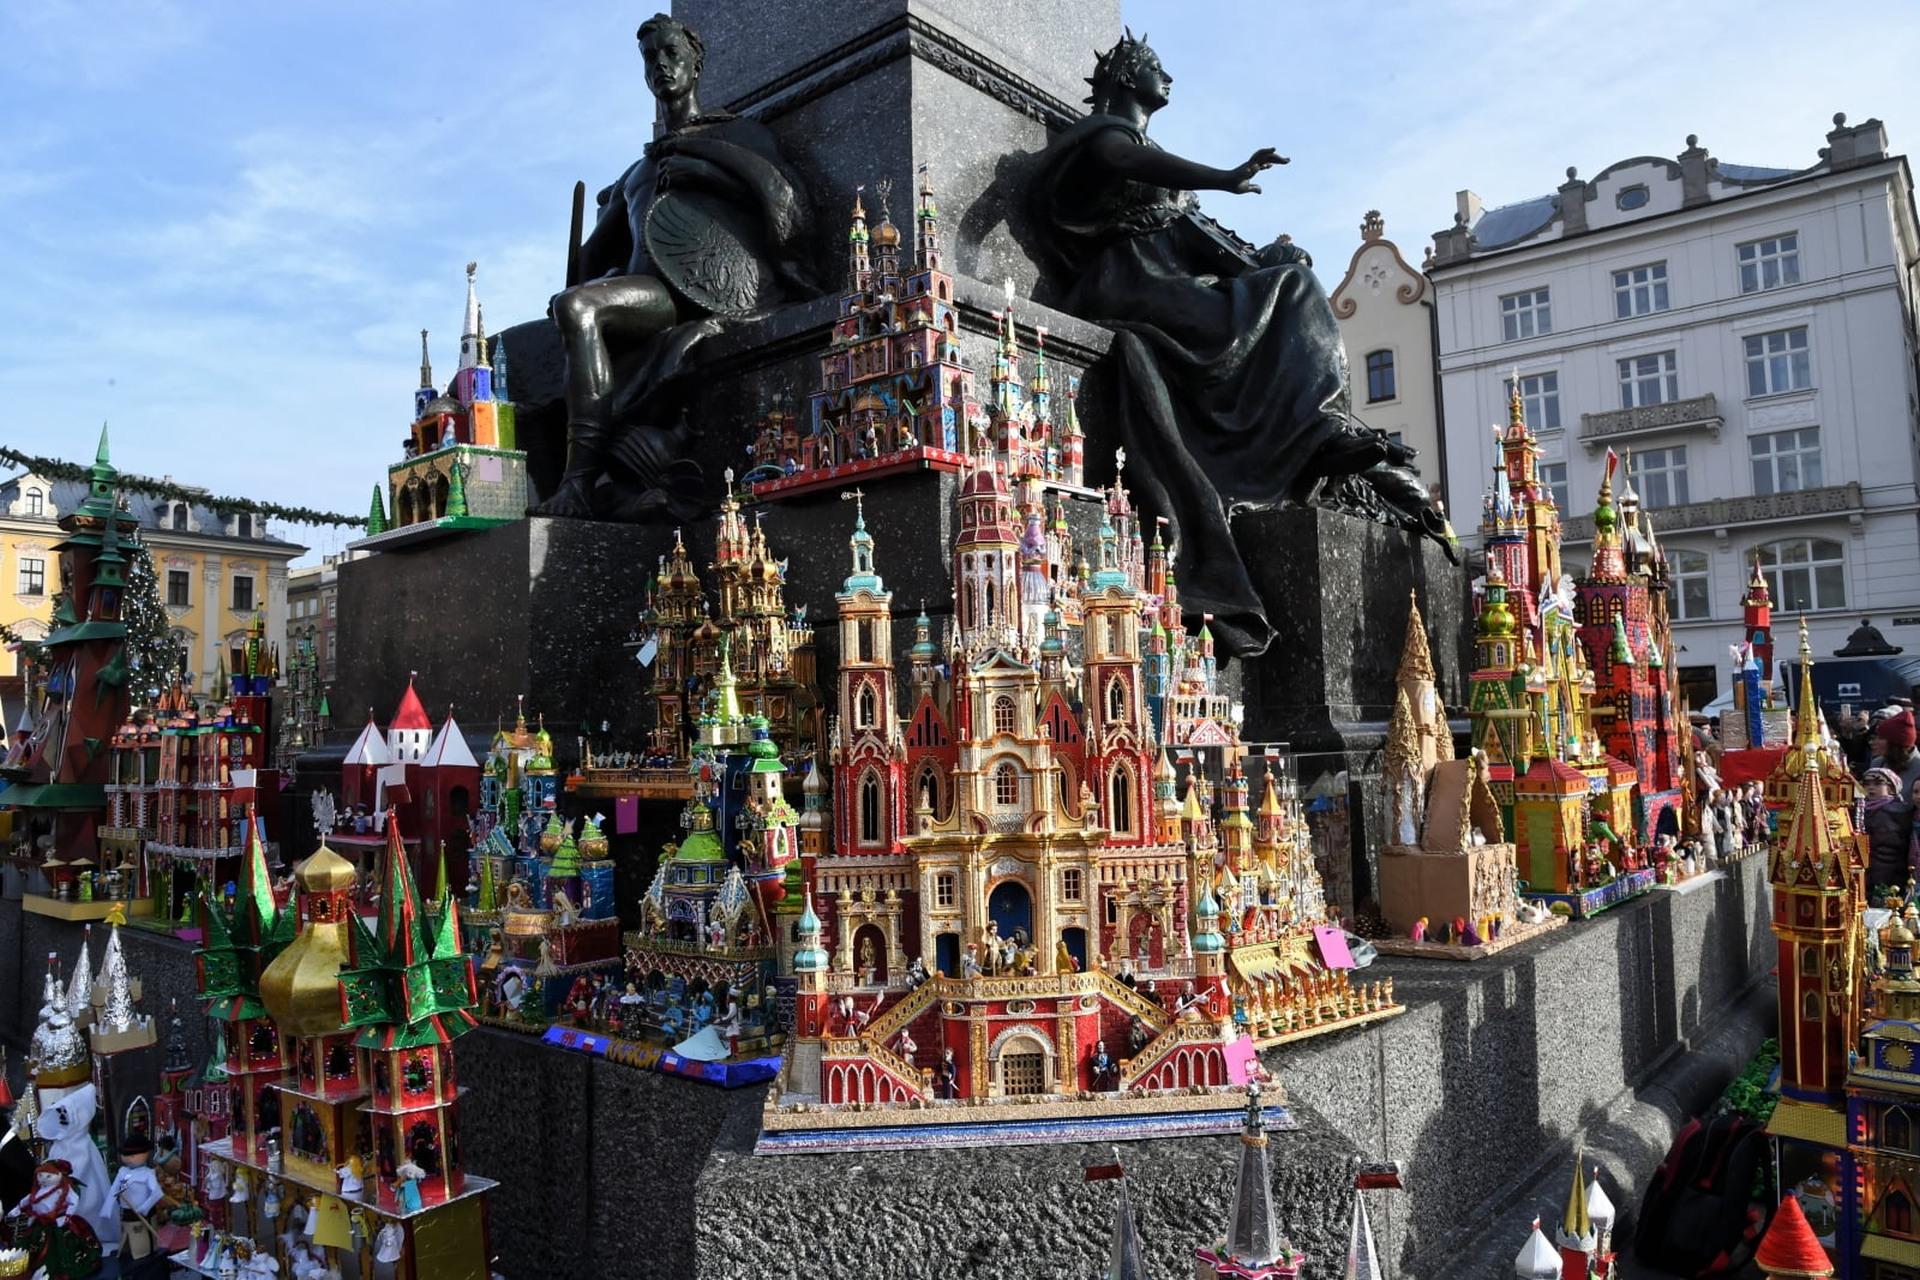 Tradycyjnie, w pierwszy czwartek grudnia rozpoczął się w Krakowie 76. Konkurs Szopek Krakowskich. Fot. PAP/Jacek Bednarczyk